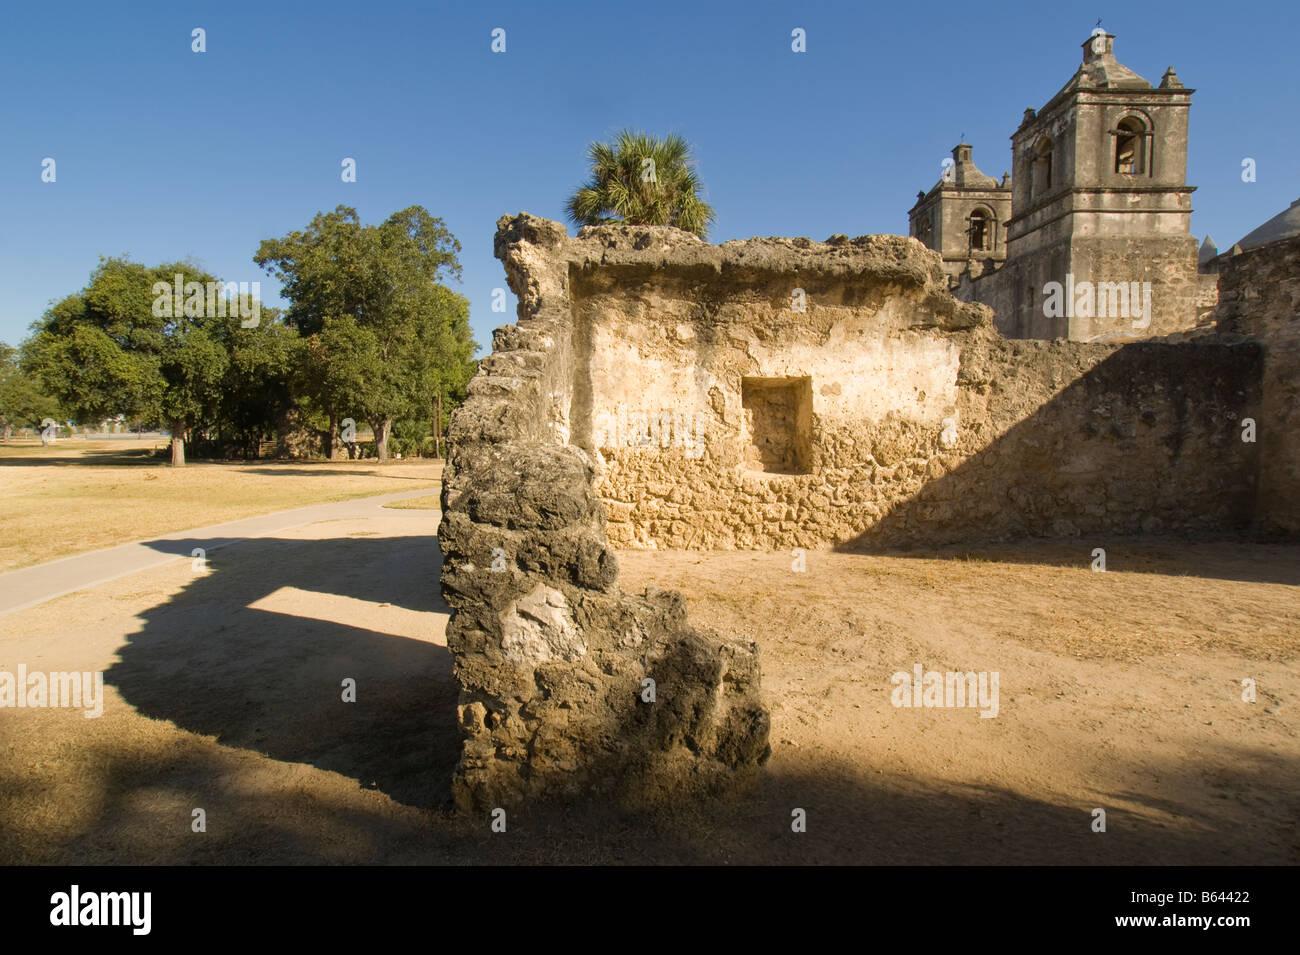 San Antonio Missions, Concepcion (AKA mission of Nuestra Senora de la Purisima Concepcion), State Historic Site - Stock Image